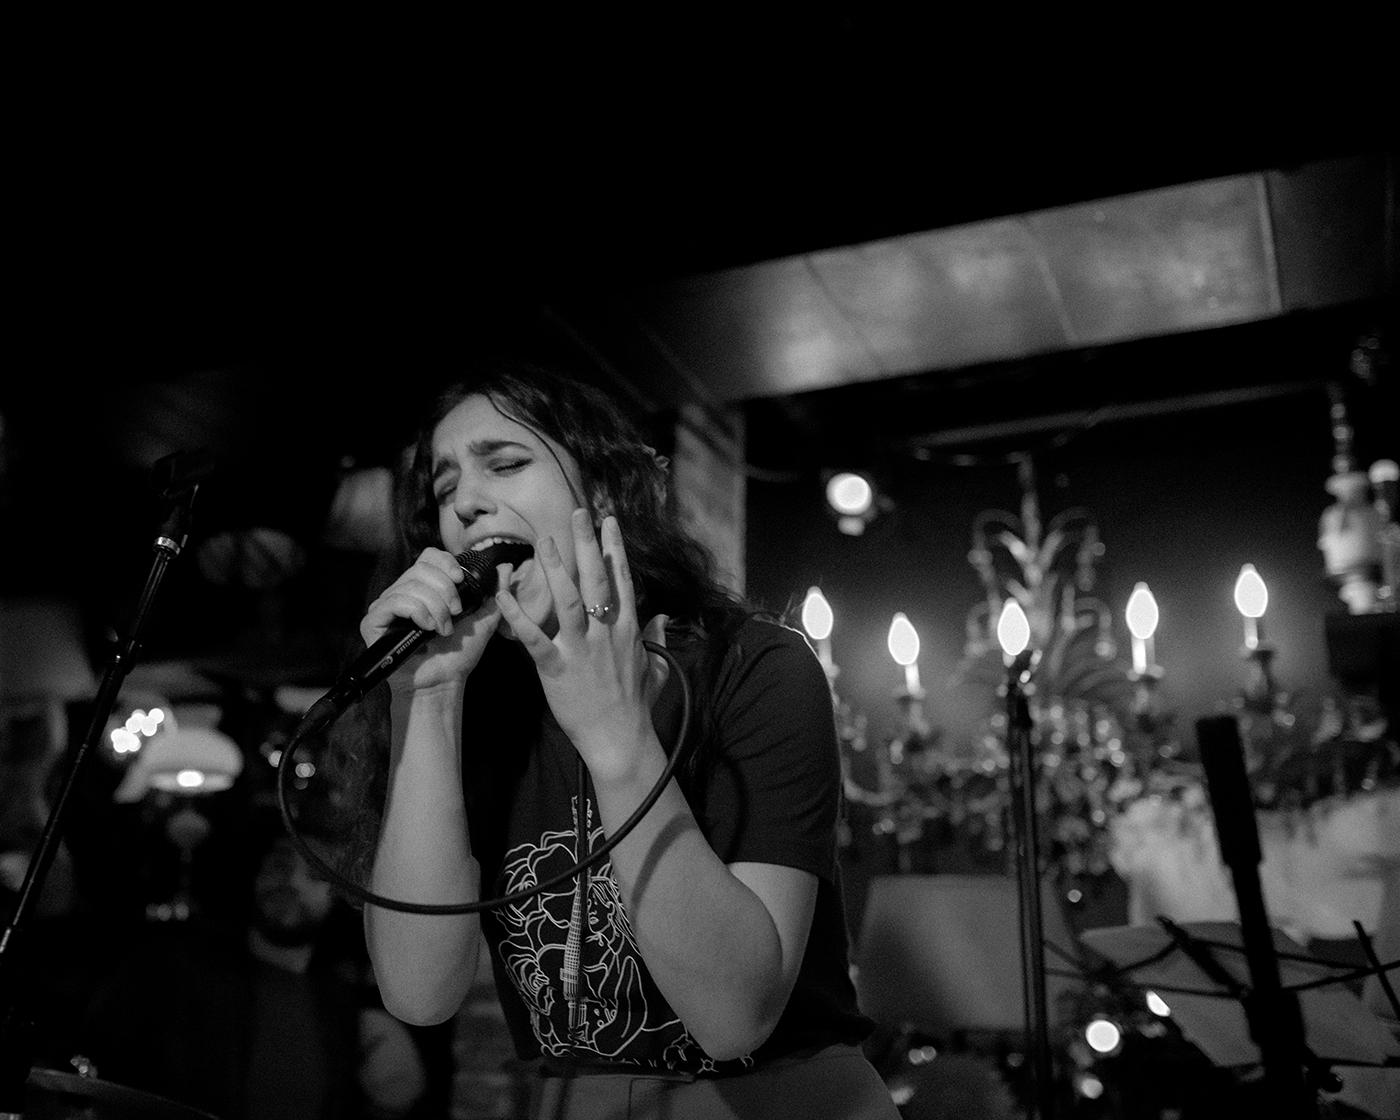 sabrina-comellas-album-release-show-25.jpg